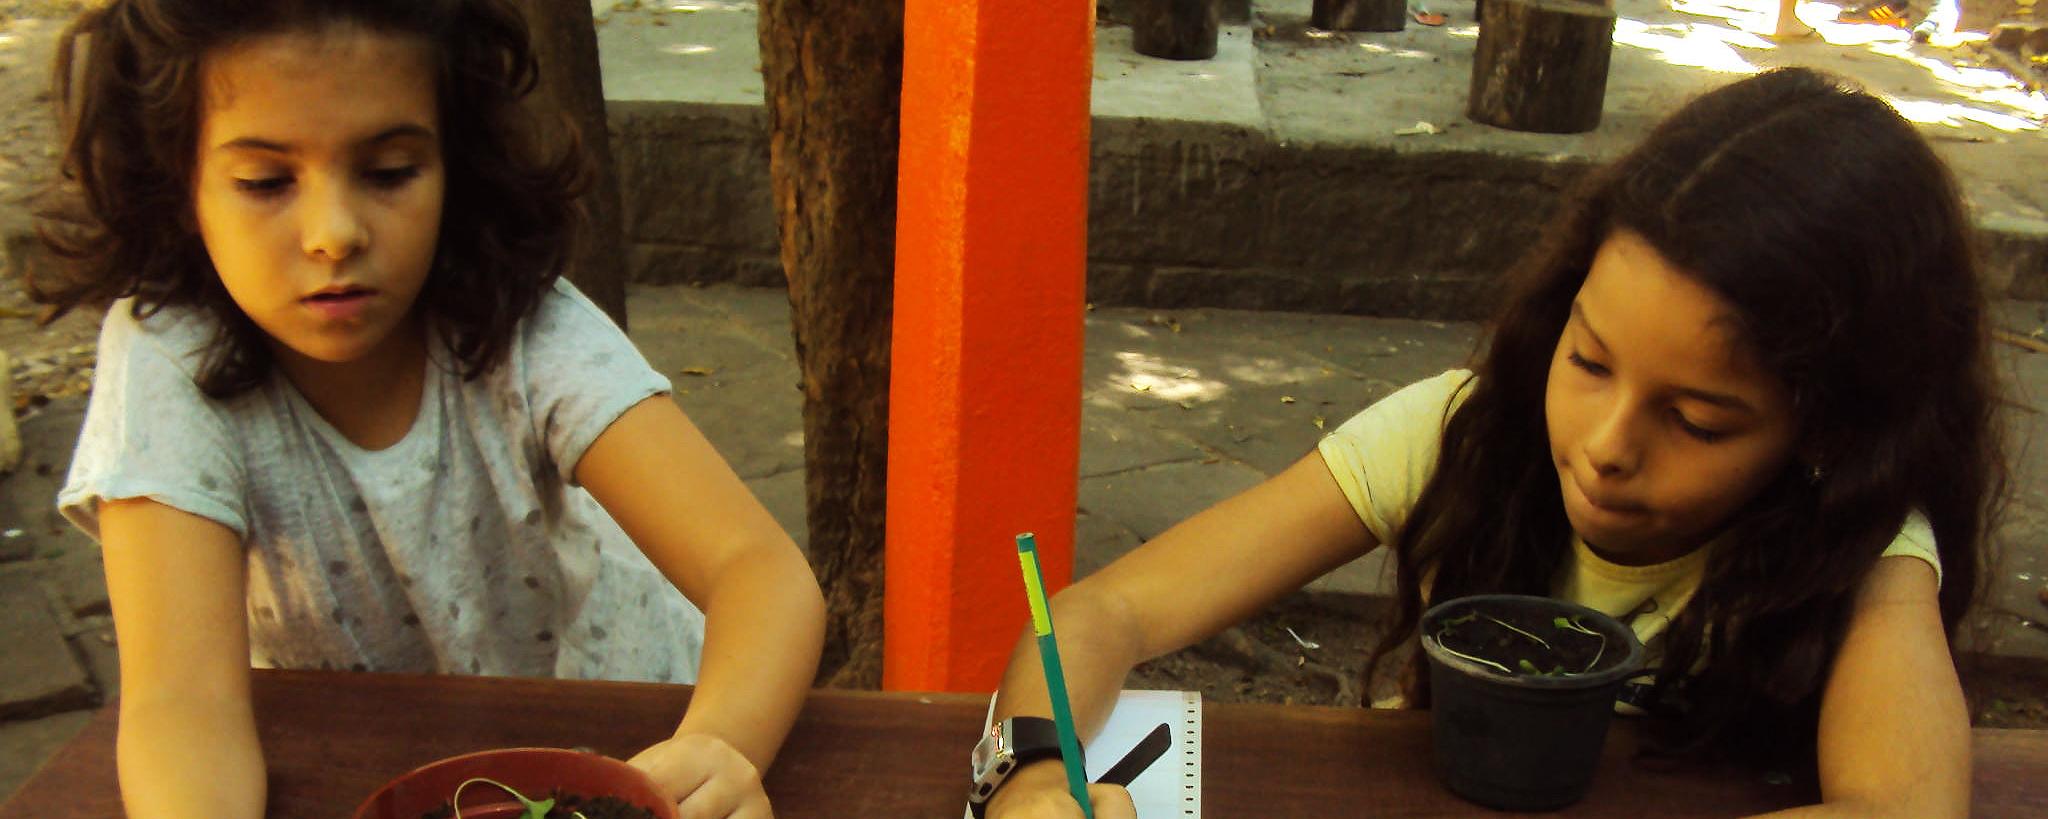 Duas crianças estão sentadas em uma mesa e desenham em folhas de papel.